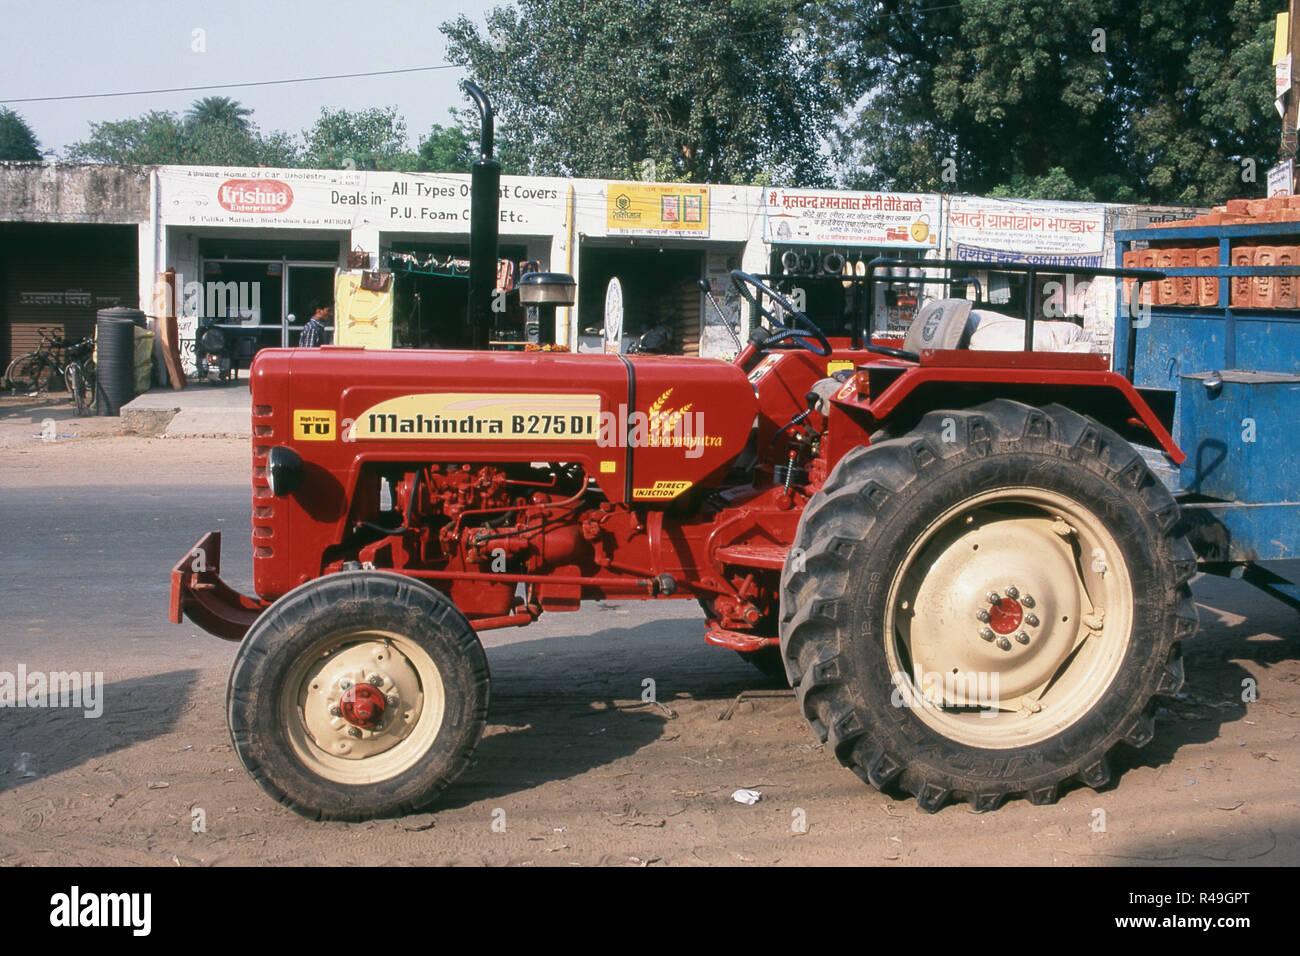 Mahindra Tractor Stock Photos & Mahindra Tractor Stock